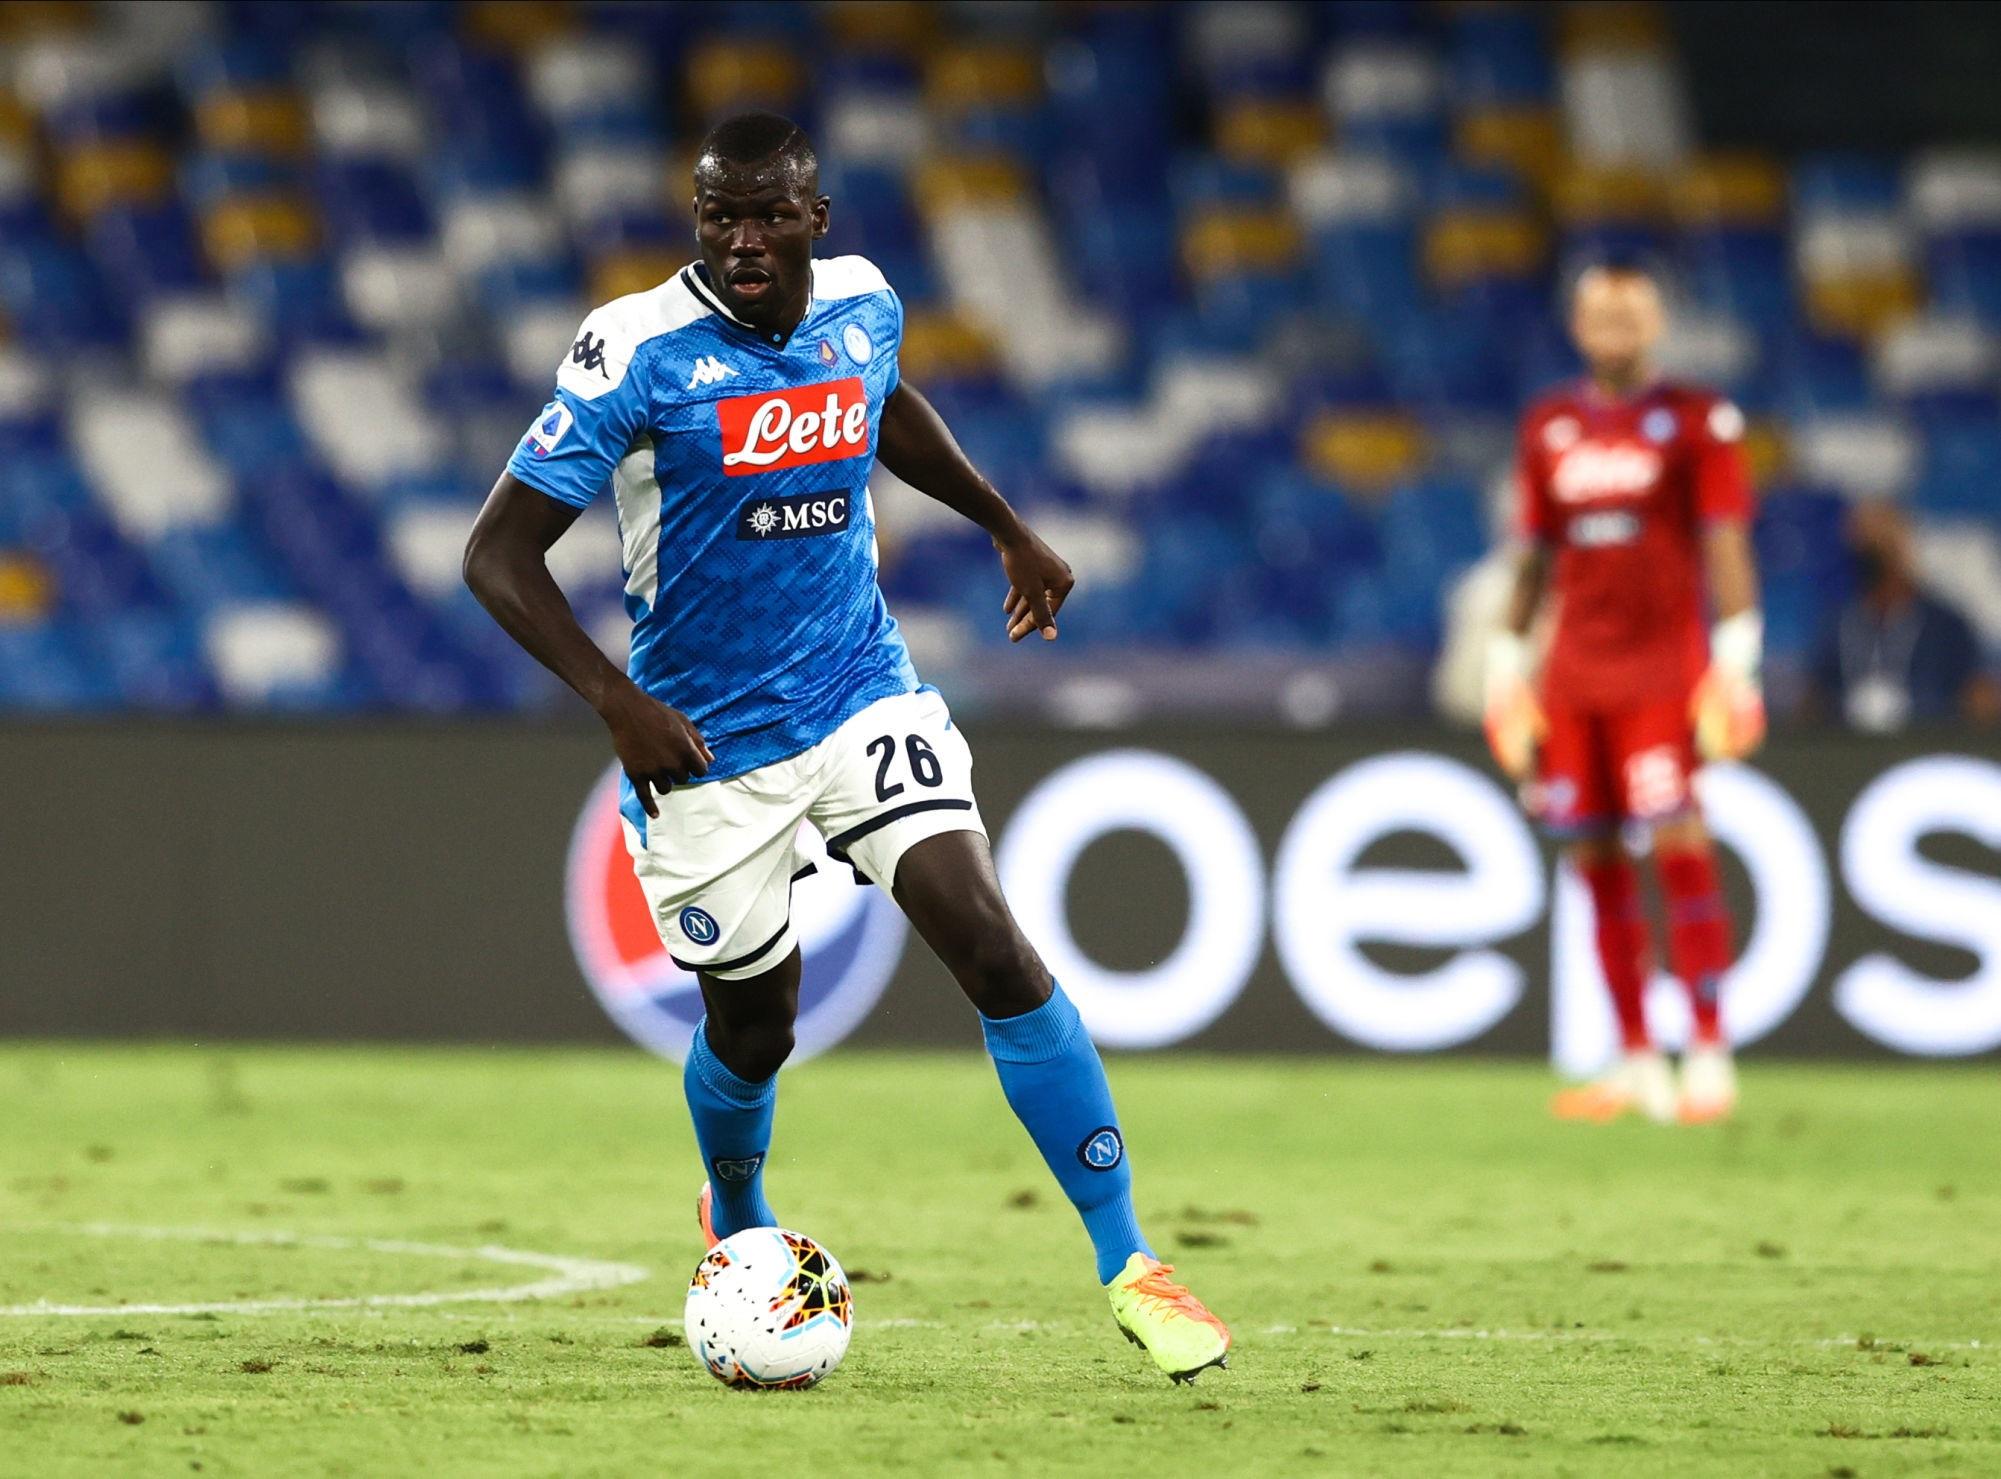 """Mercato - Koulibaly, City va faire une nouvelle offre et le PSG """"est dans la course"""" selon Sky Italia"""